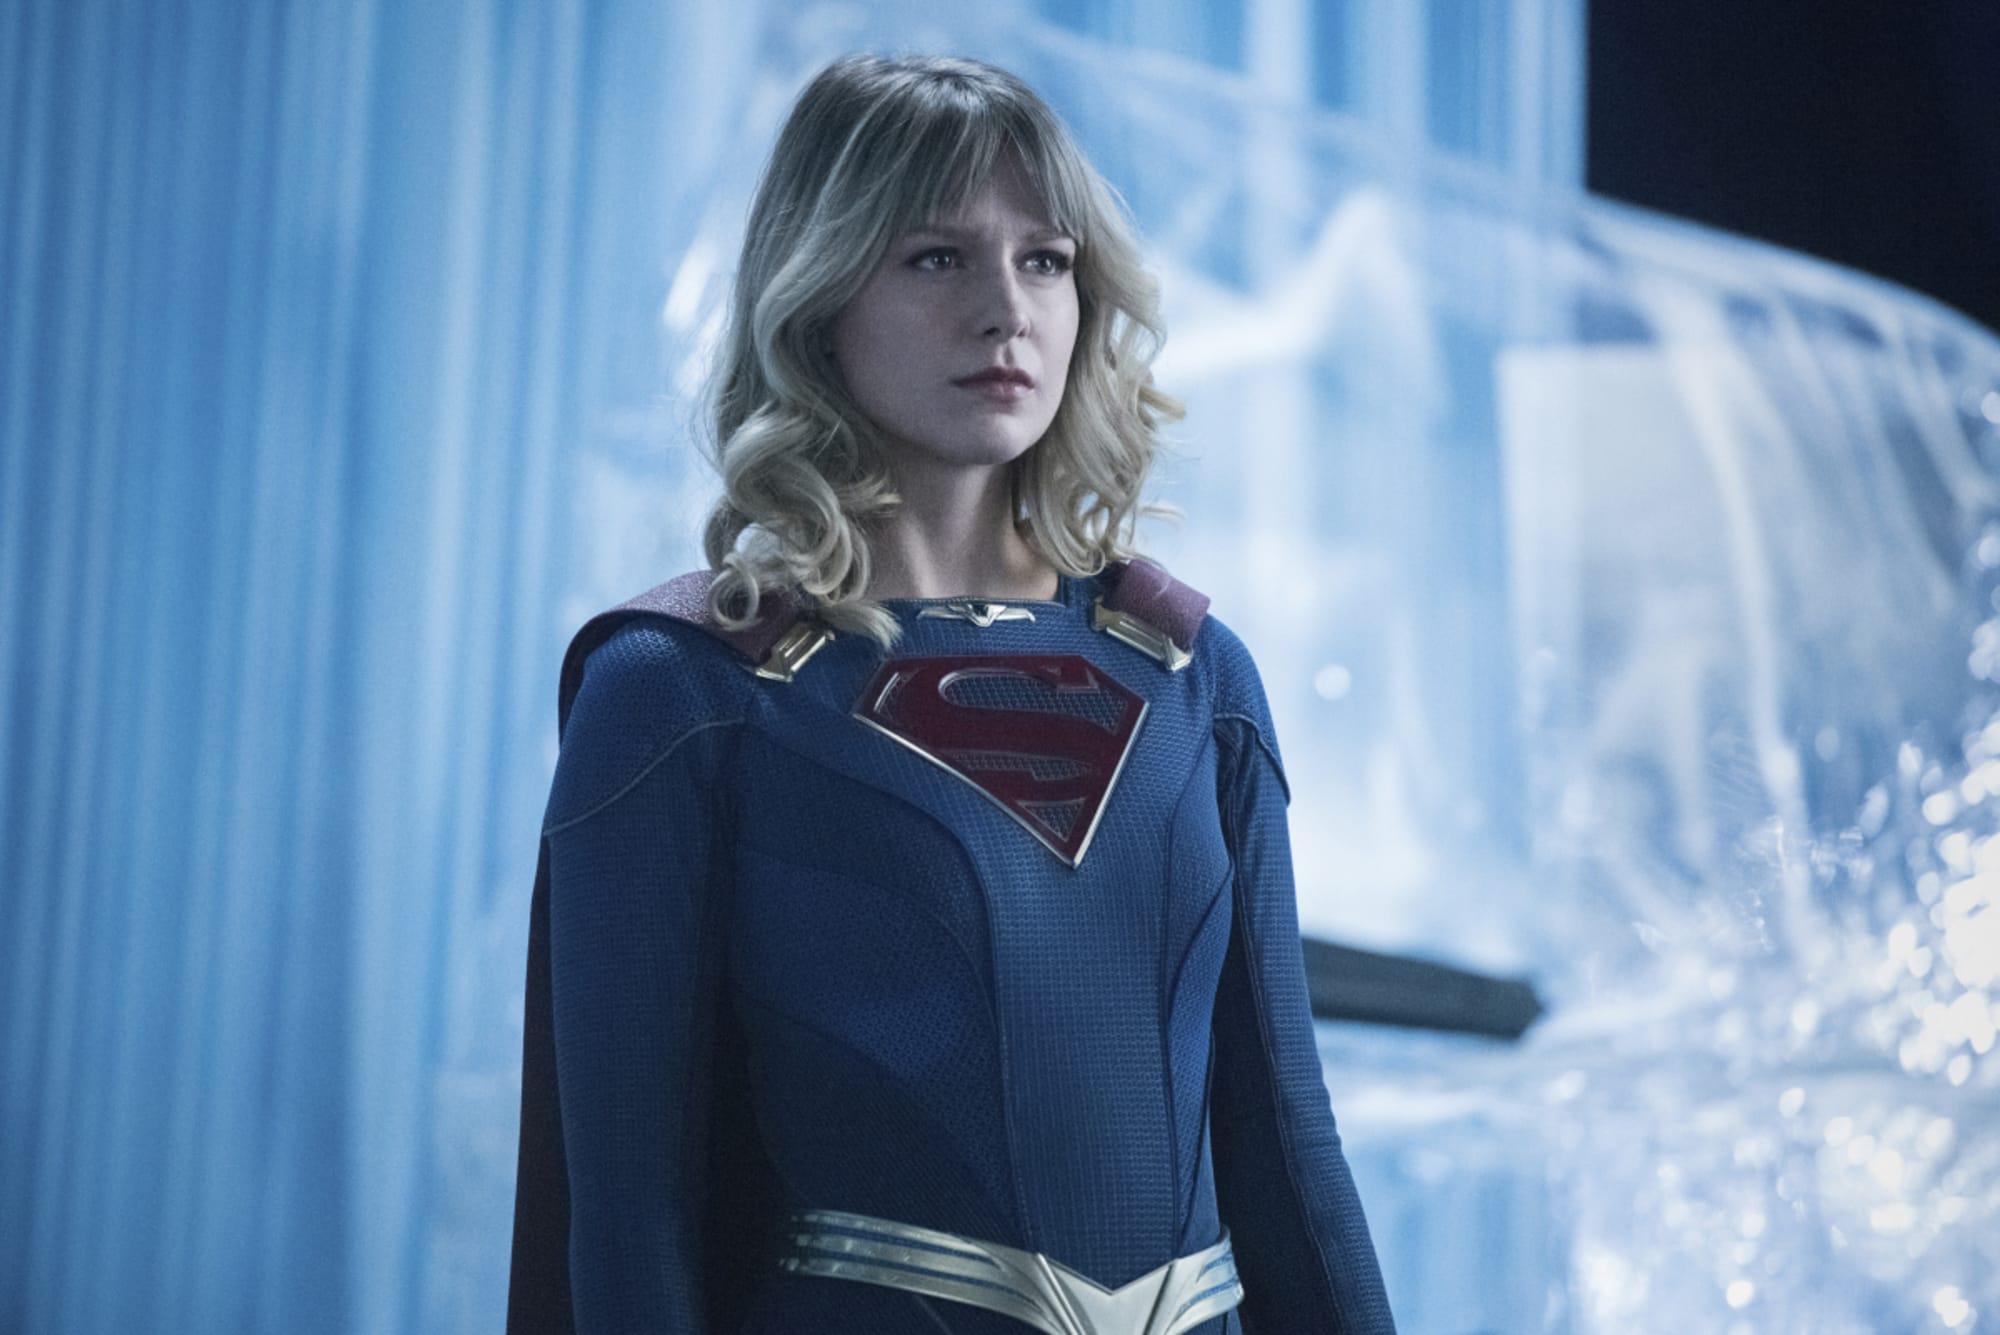 Supergirl encara Lex Luthor no trailer da última temporada